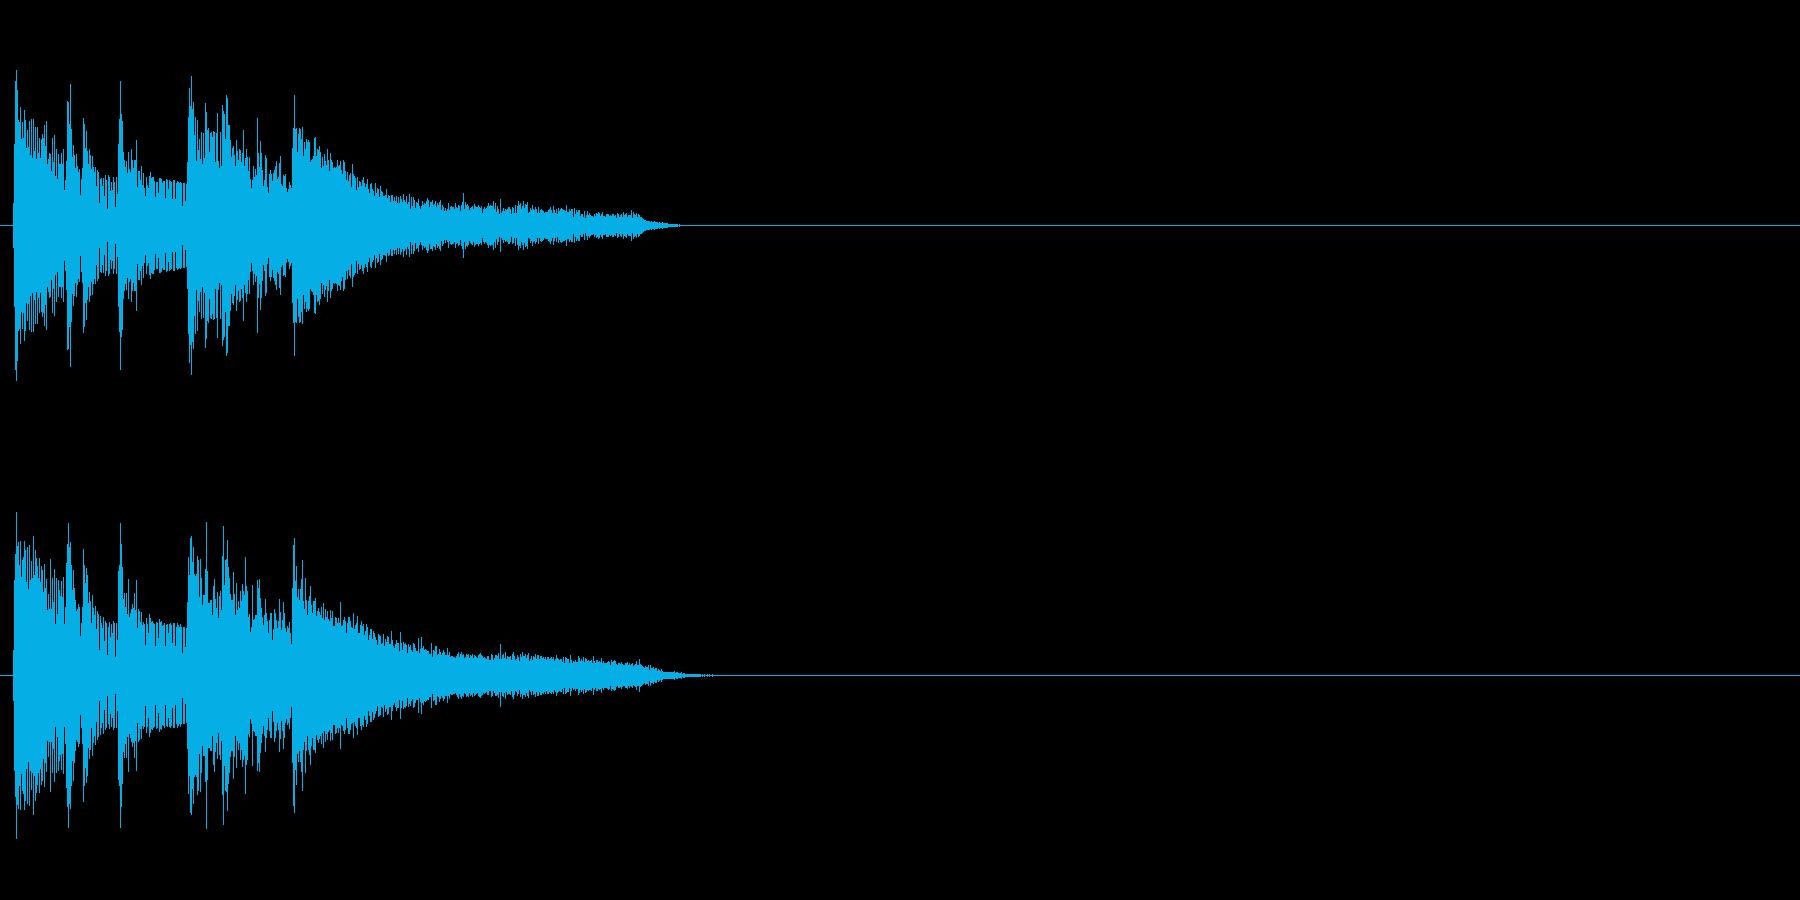 アタック 場面転換 おしゃれ 軽快 情報の再生済みの波形